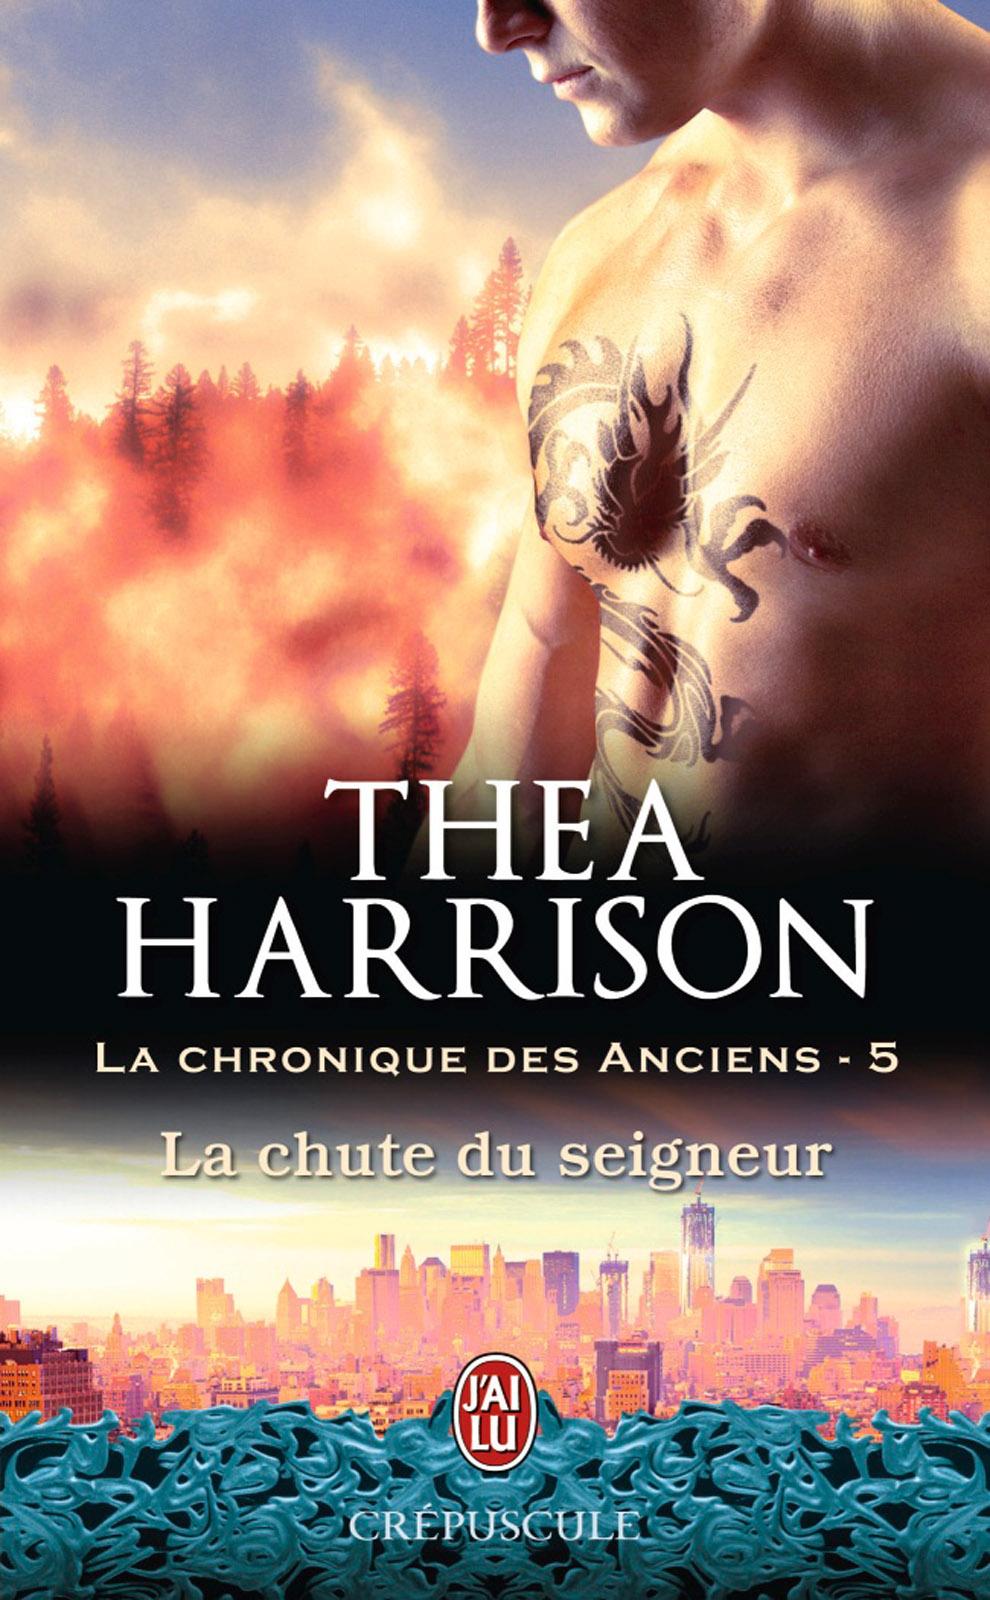 La chronique des Anciens (Tome 5) - La chute du seigneur